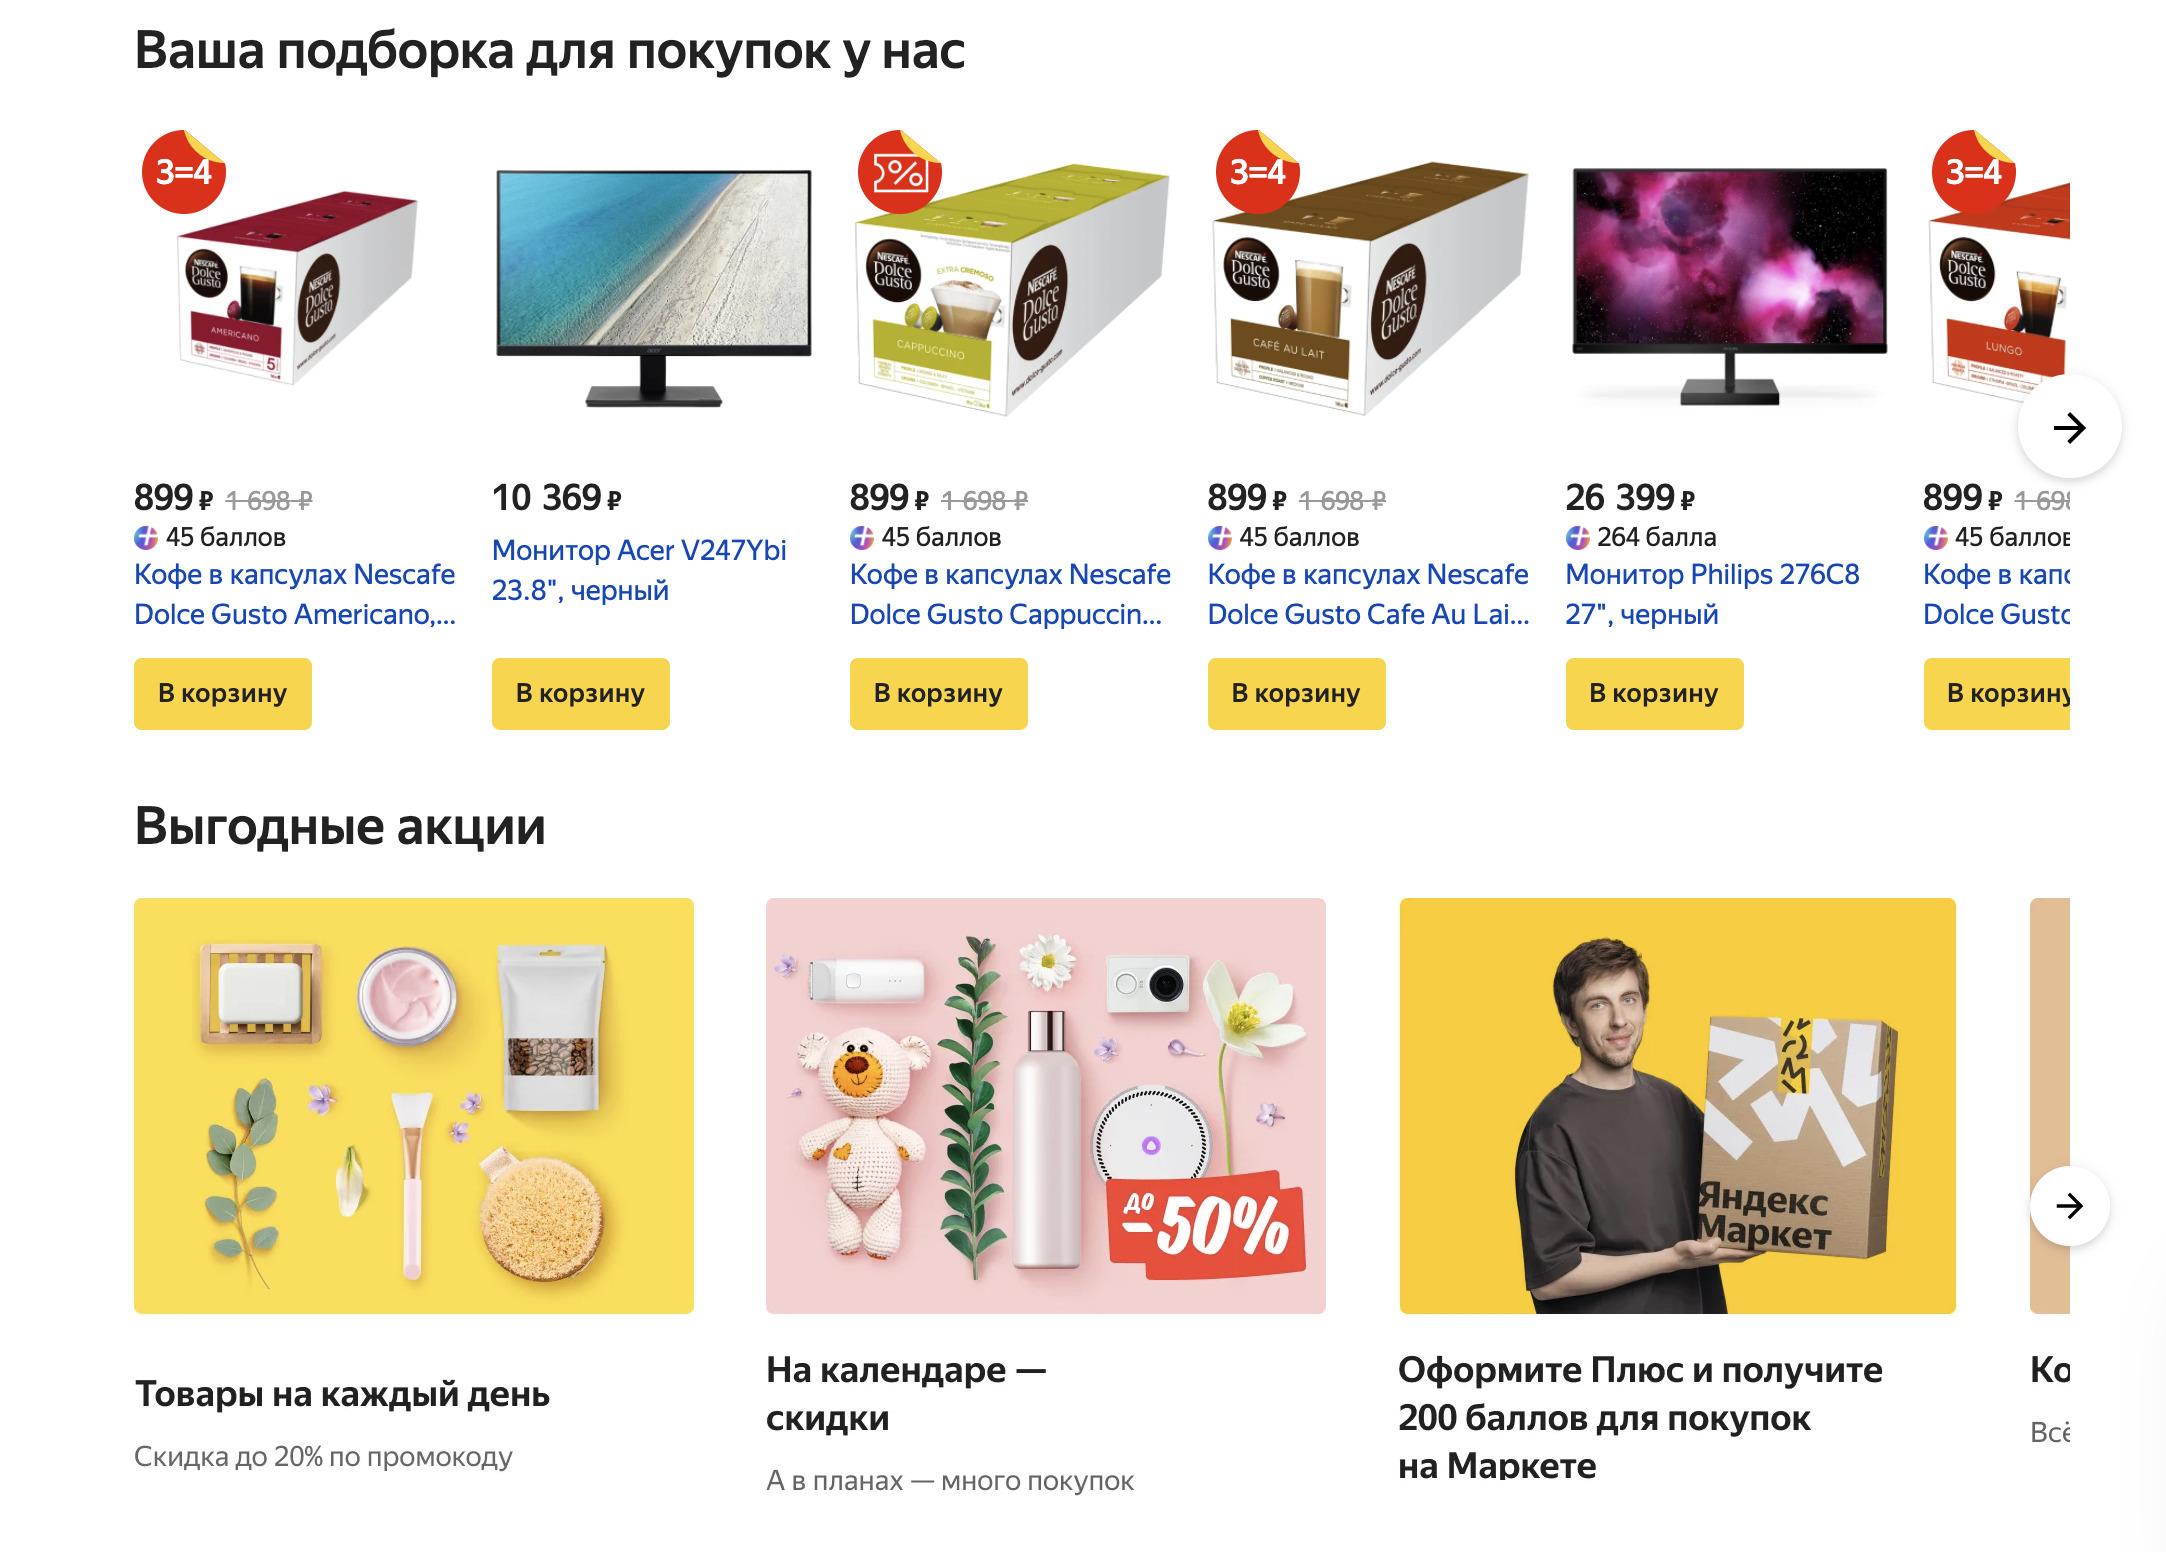 Доставка из Яндекс.Маркет в Егорьевск, сроки, пункты выдачи, каталог